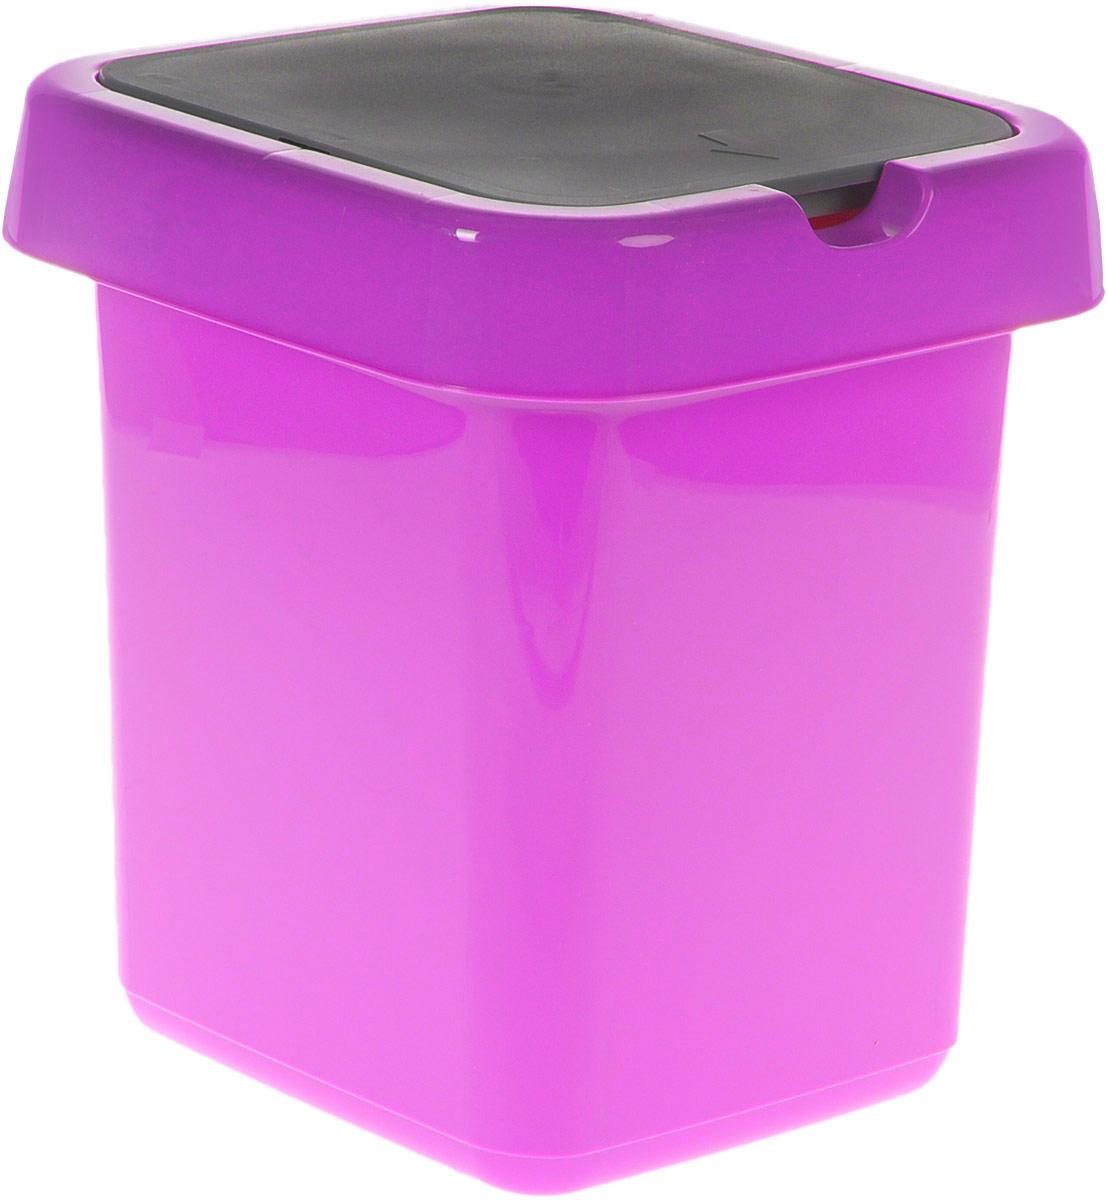 Контейнер для мусора Svip Квадра, цвет: фиолетовый, серый, 9 лSV4042АММусорный контейнер Svip Квадра поможет поддержать порядок и чистоту на кухне, в туалетной комнате или в офисе. Изделие, выполненное из полипропилена, не боится ударов и долгих лет использования. Изделие оснащено крышкой с двойным механизмом открывания, что обеспечивает максимально удобное использование: откидной крышкой можно воспользоваться при выбрасывании большого мусора, крышкой-маятником - для мусора меньшего объема. Скрытые борта в корпусе изделия для аккуратного использования одноразовых пакетов и сохранения эстетики изделия. Съемная верхняя часть контейнера обеспечивает удобство извлечения накопившегося мусора. Эстетика изделия превращает необходимый предмет кухни или туалетной комнаты в стильное дополнение к интерьеру. Его легкость и прочность оптимально решают проблему сбора мусора.